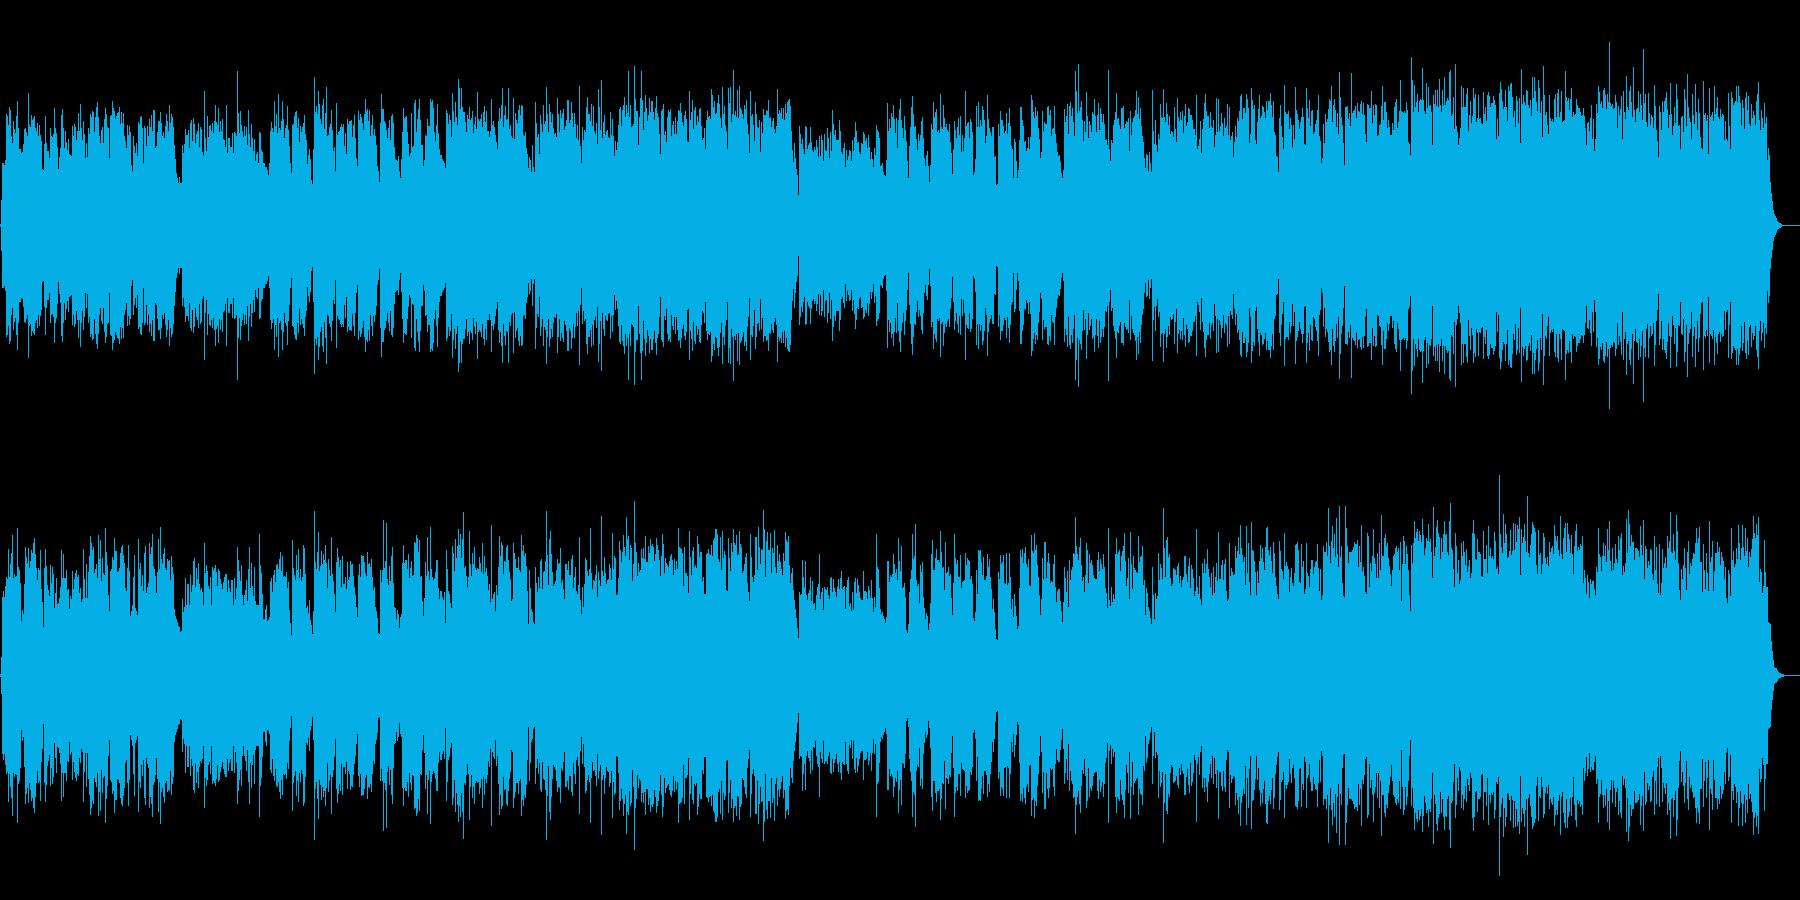 和風 しっとり感動バラード 篠笛生演奏の再生済みの波形